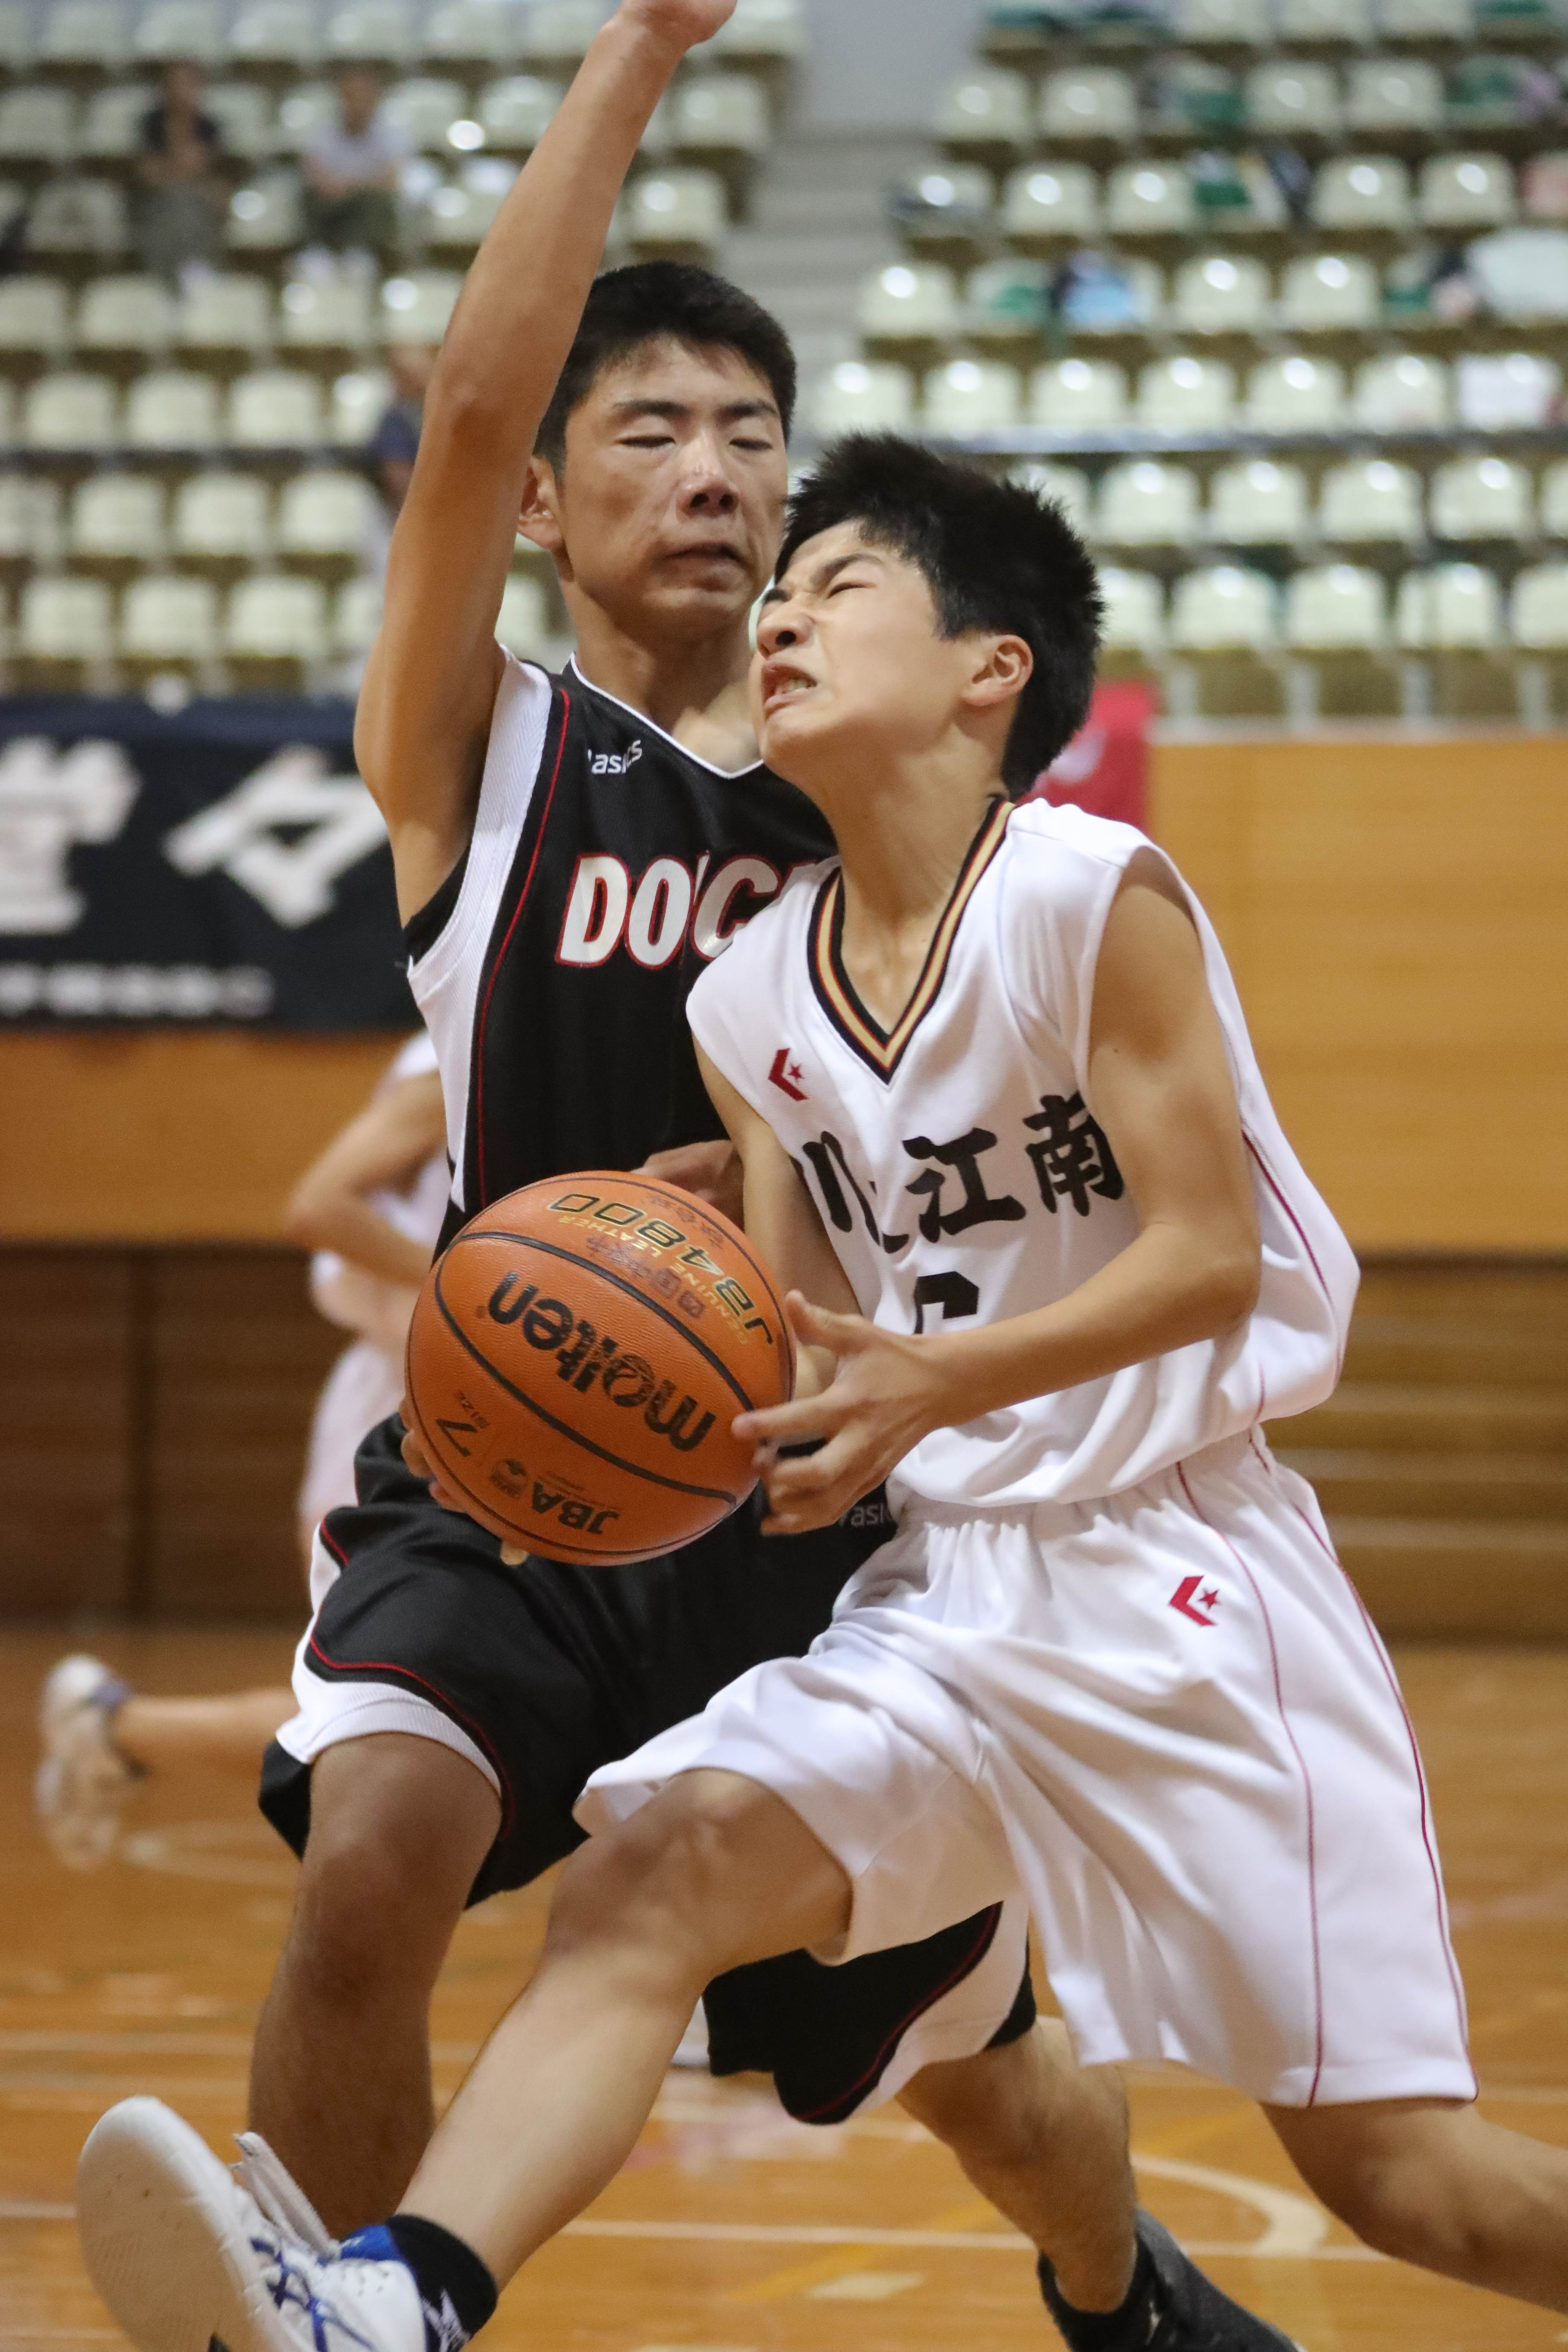 バスケットボール (22)